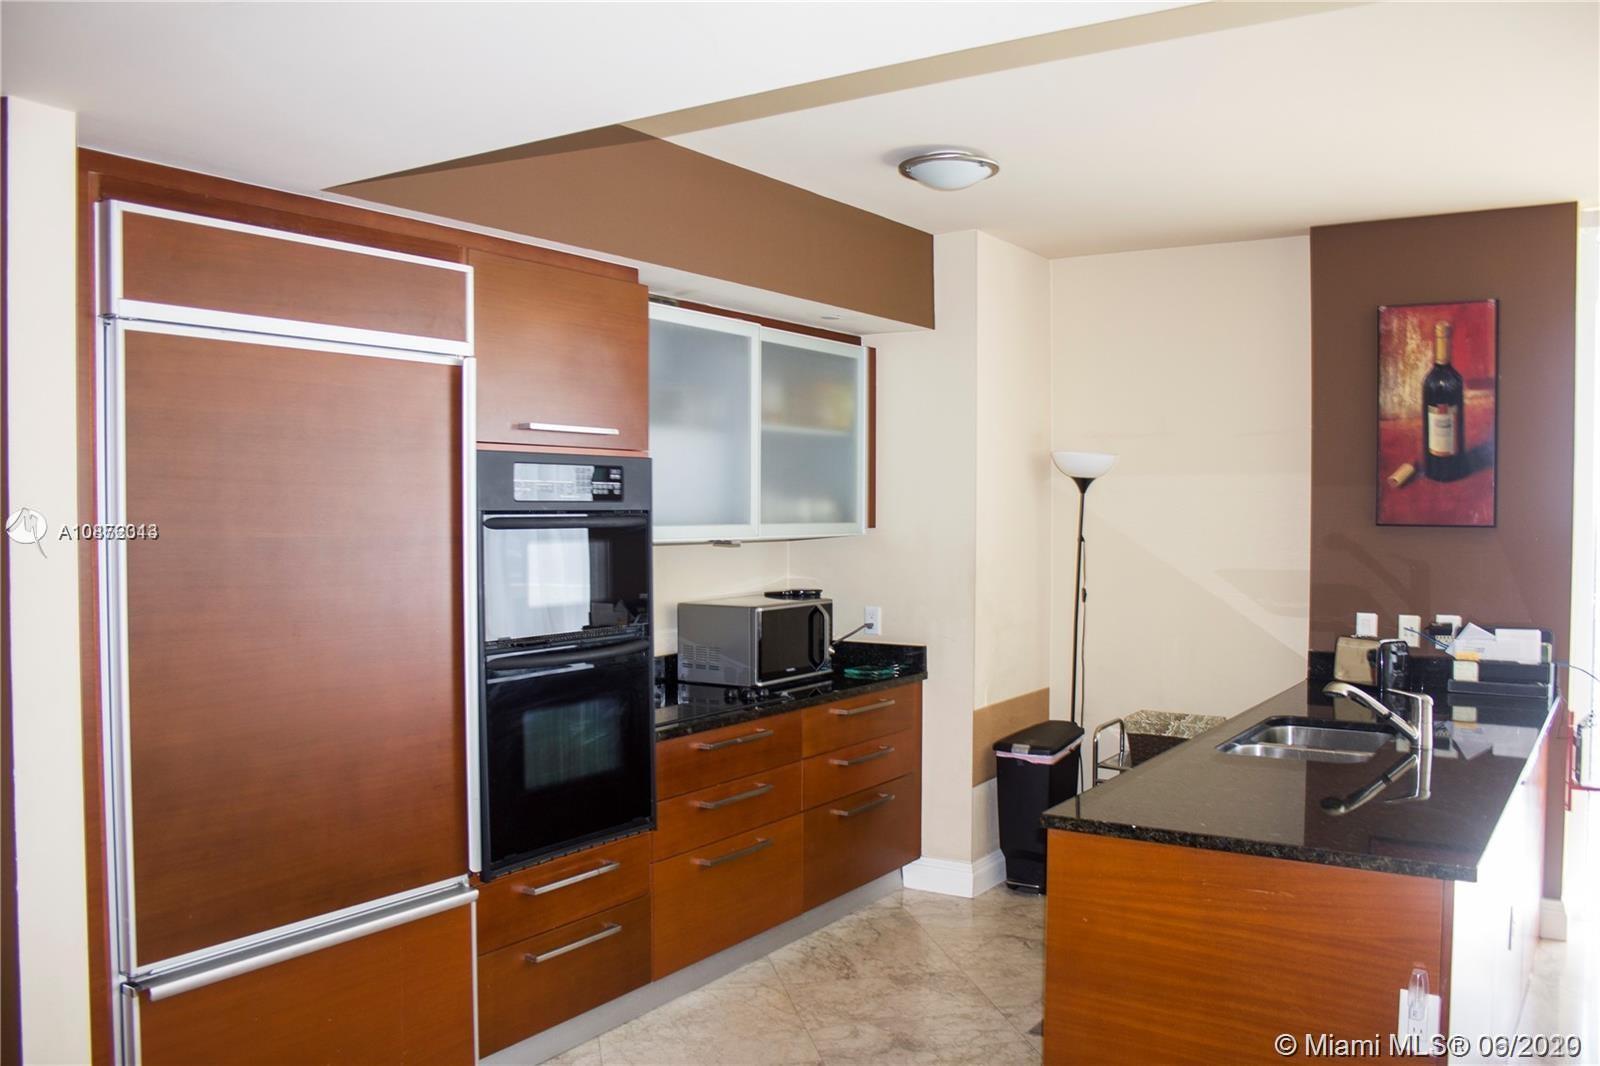 3208 2 / 2 1458 sq. ft. $ 2020-08-27 0 foto